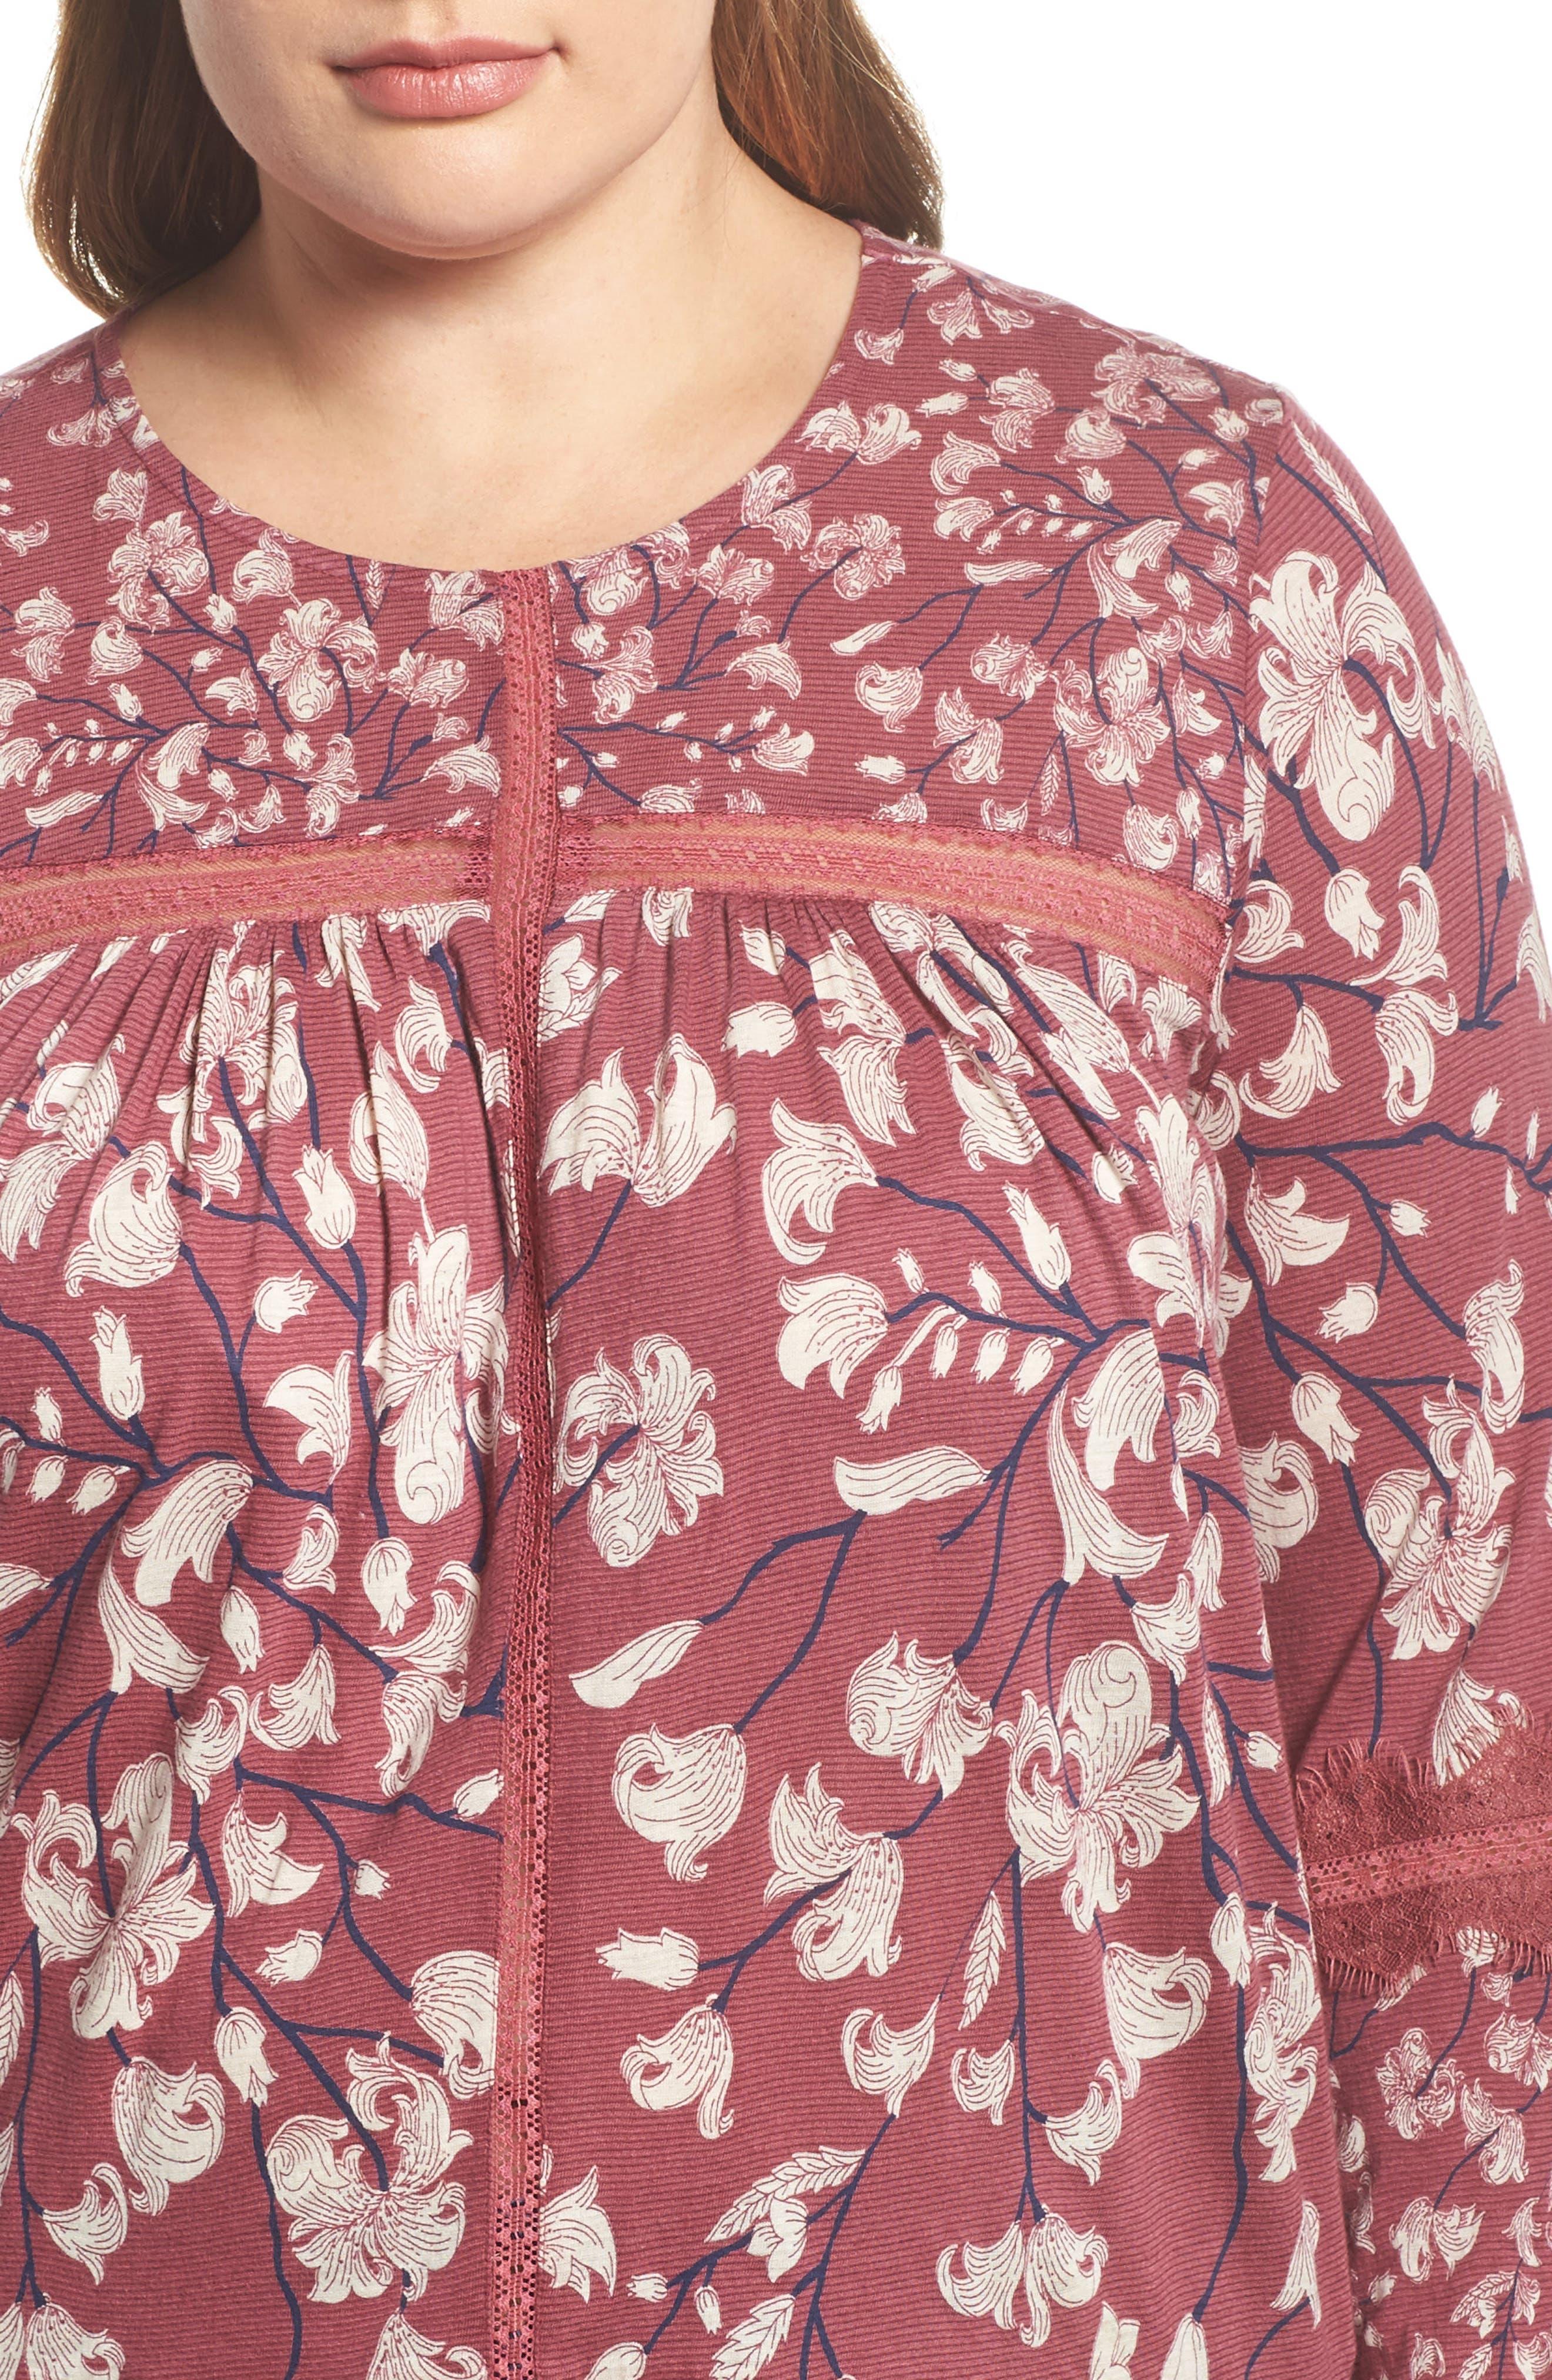 Lace Inset Print Top,                             Alternate thumbnail 4, color,                             Blush Multi